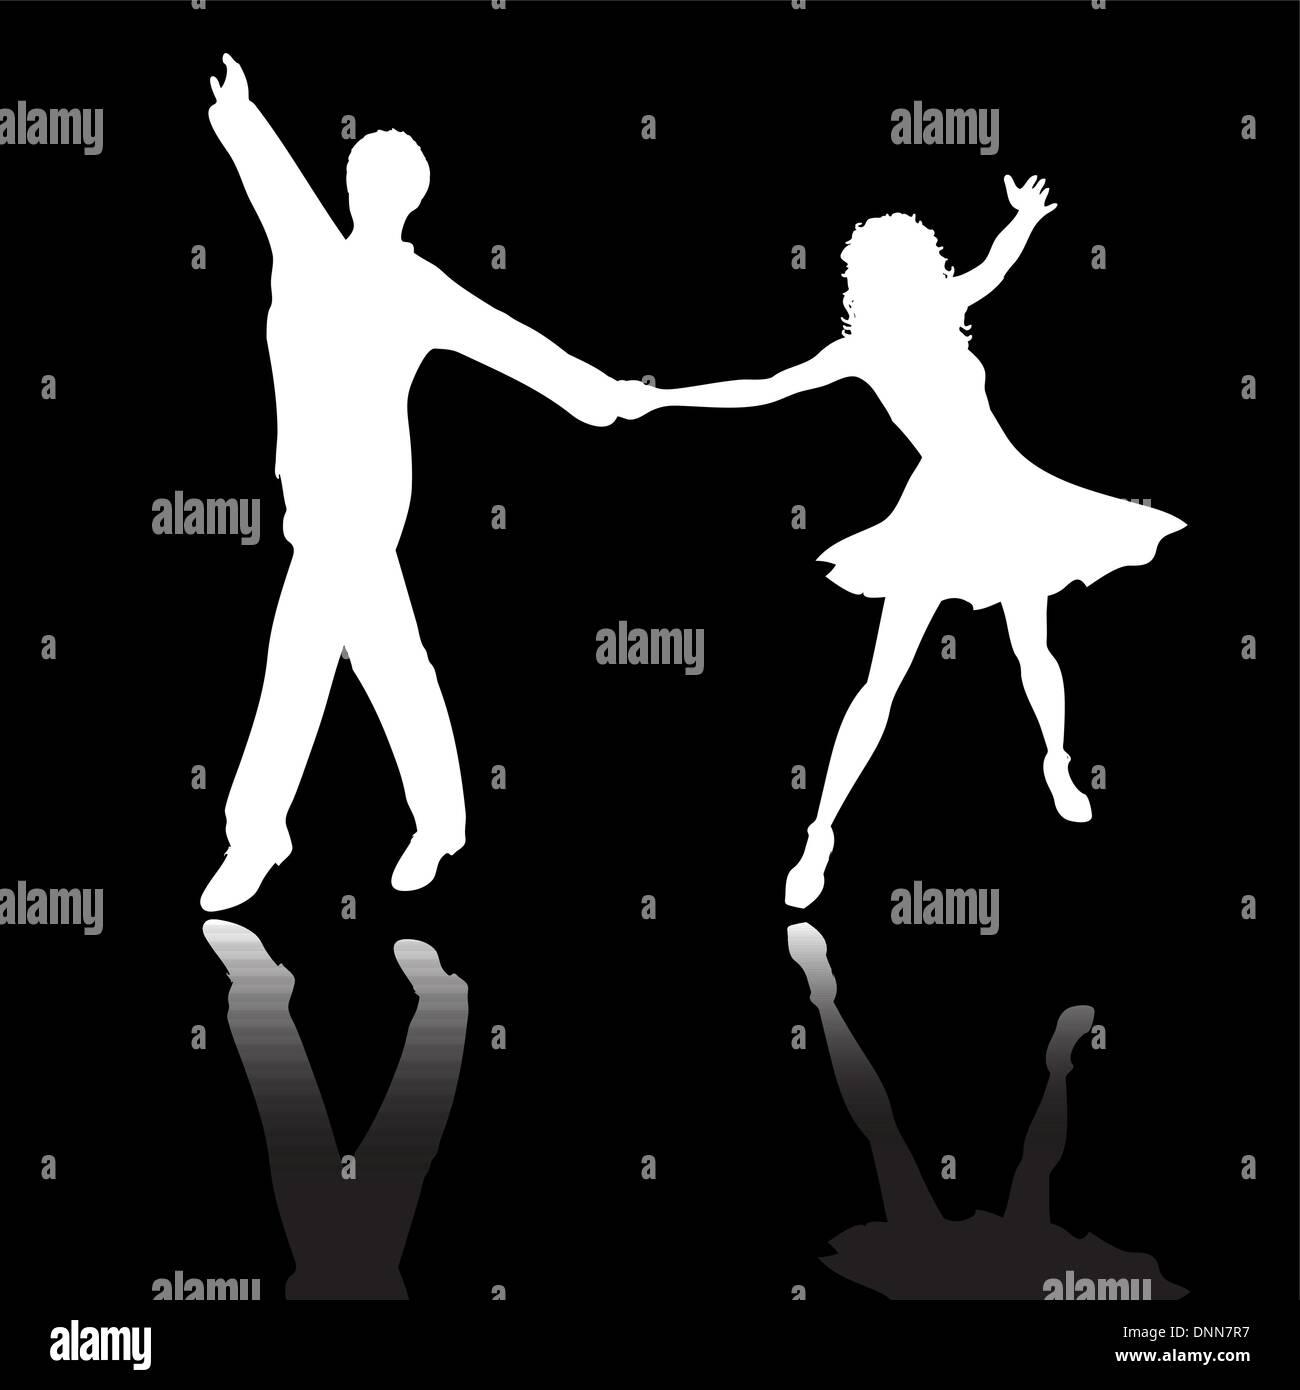 Siluetas de gente bailando Imagen De Stock